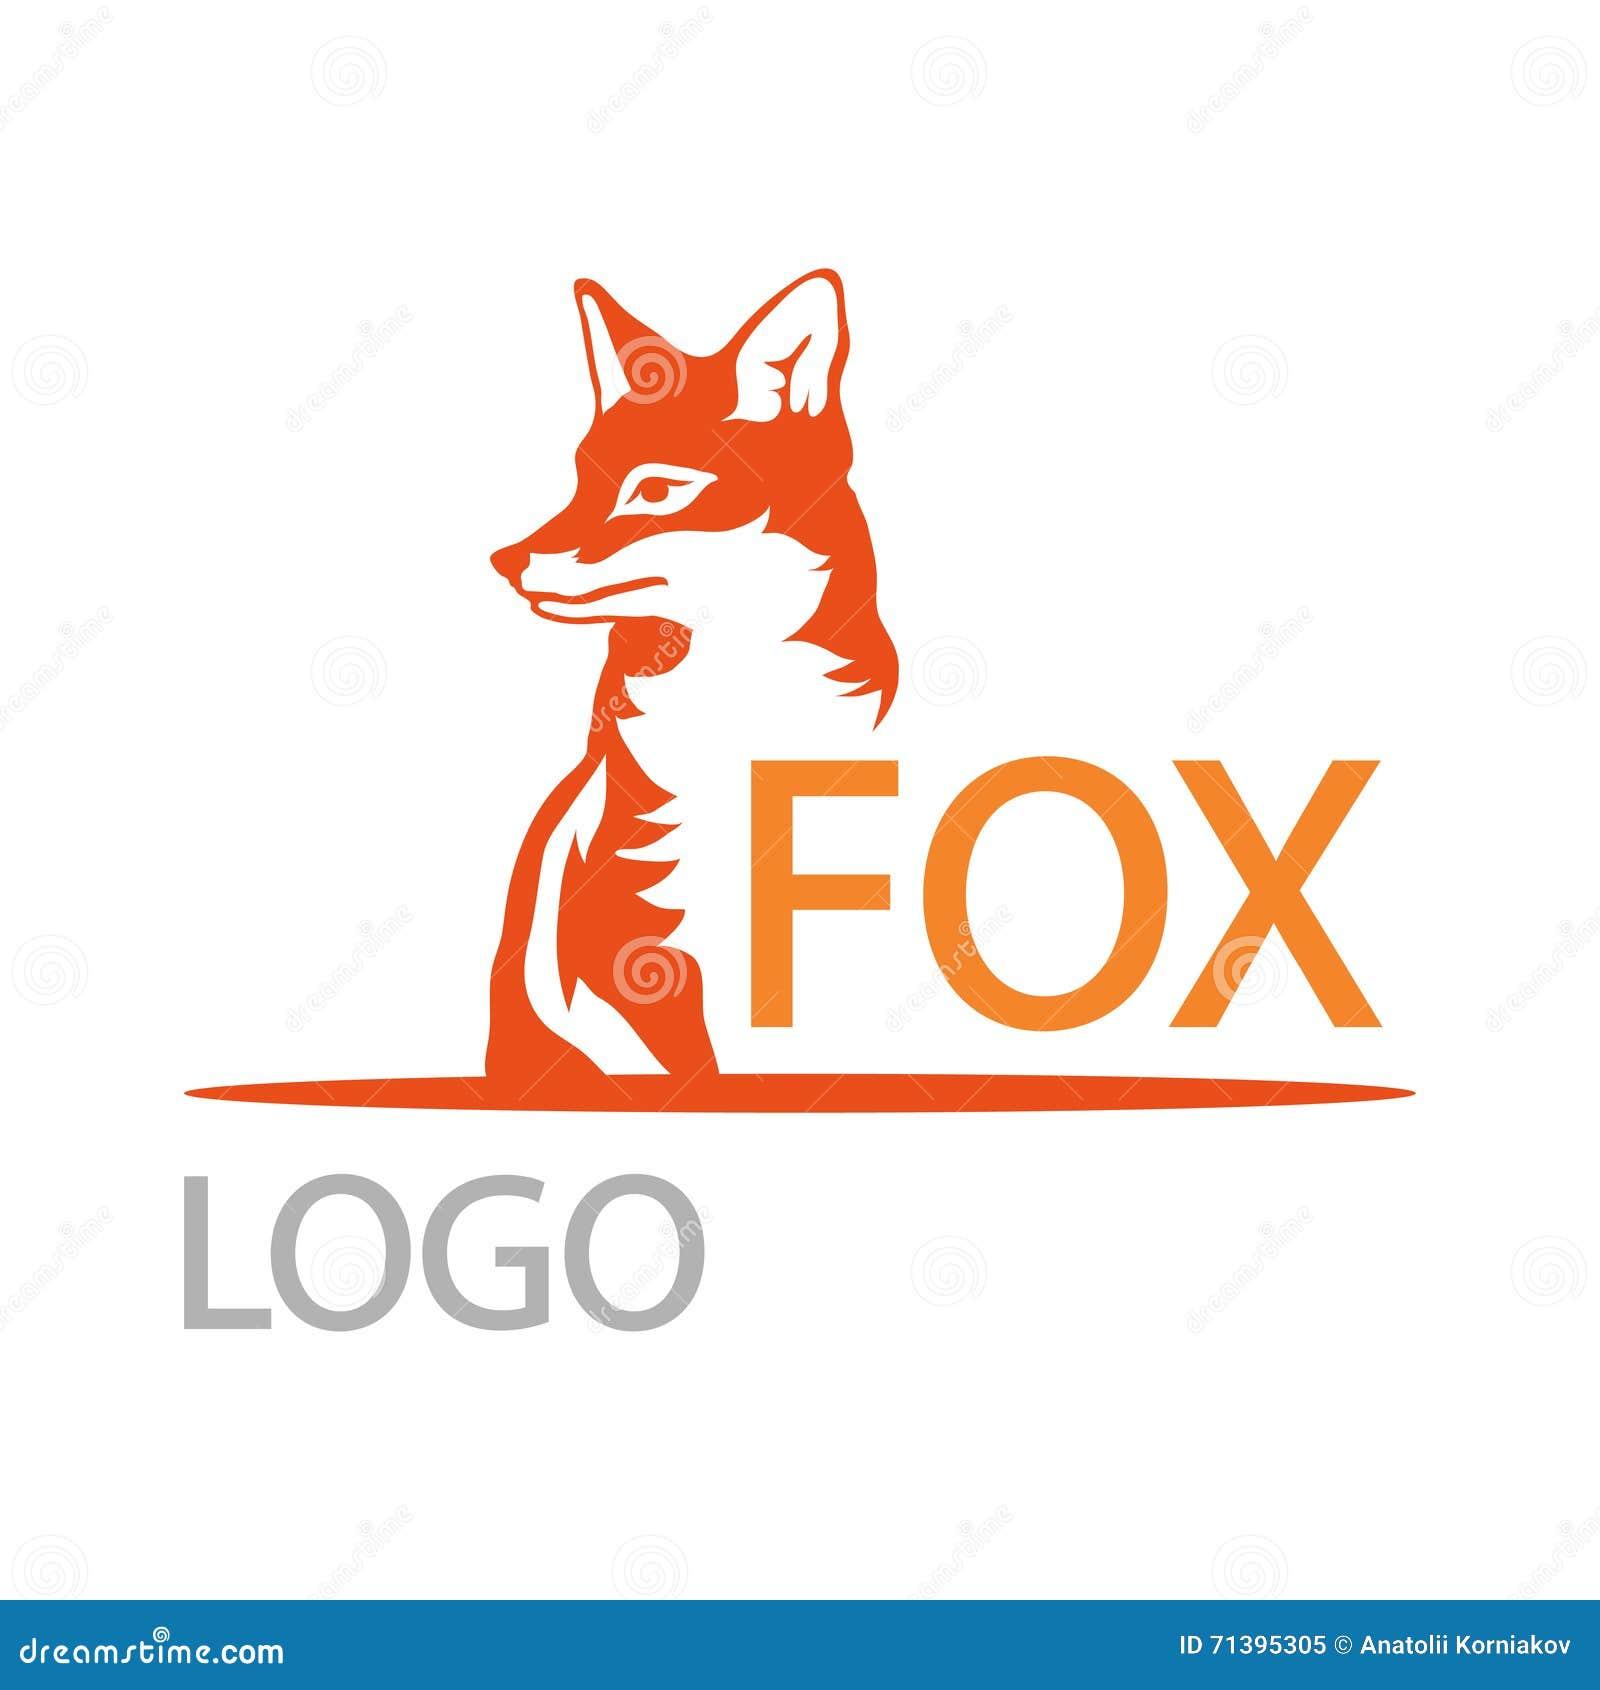 fox logo stock vector illustration of symbol tattoo